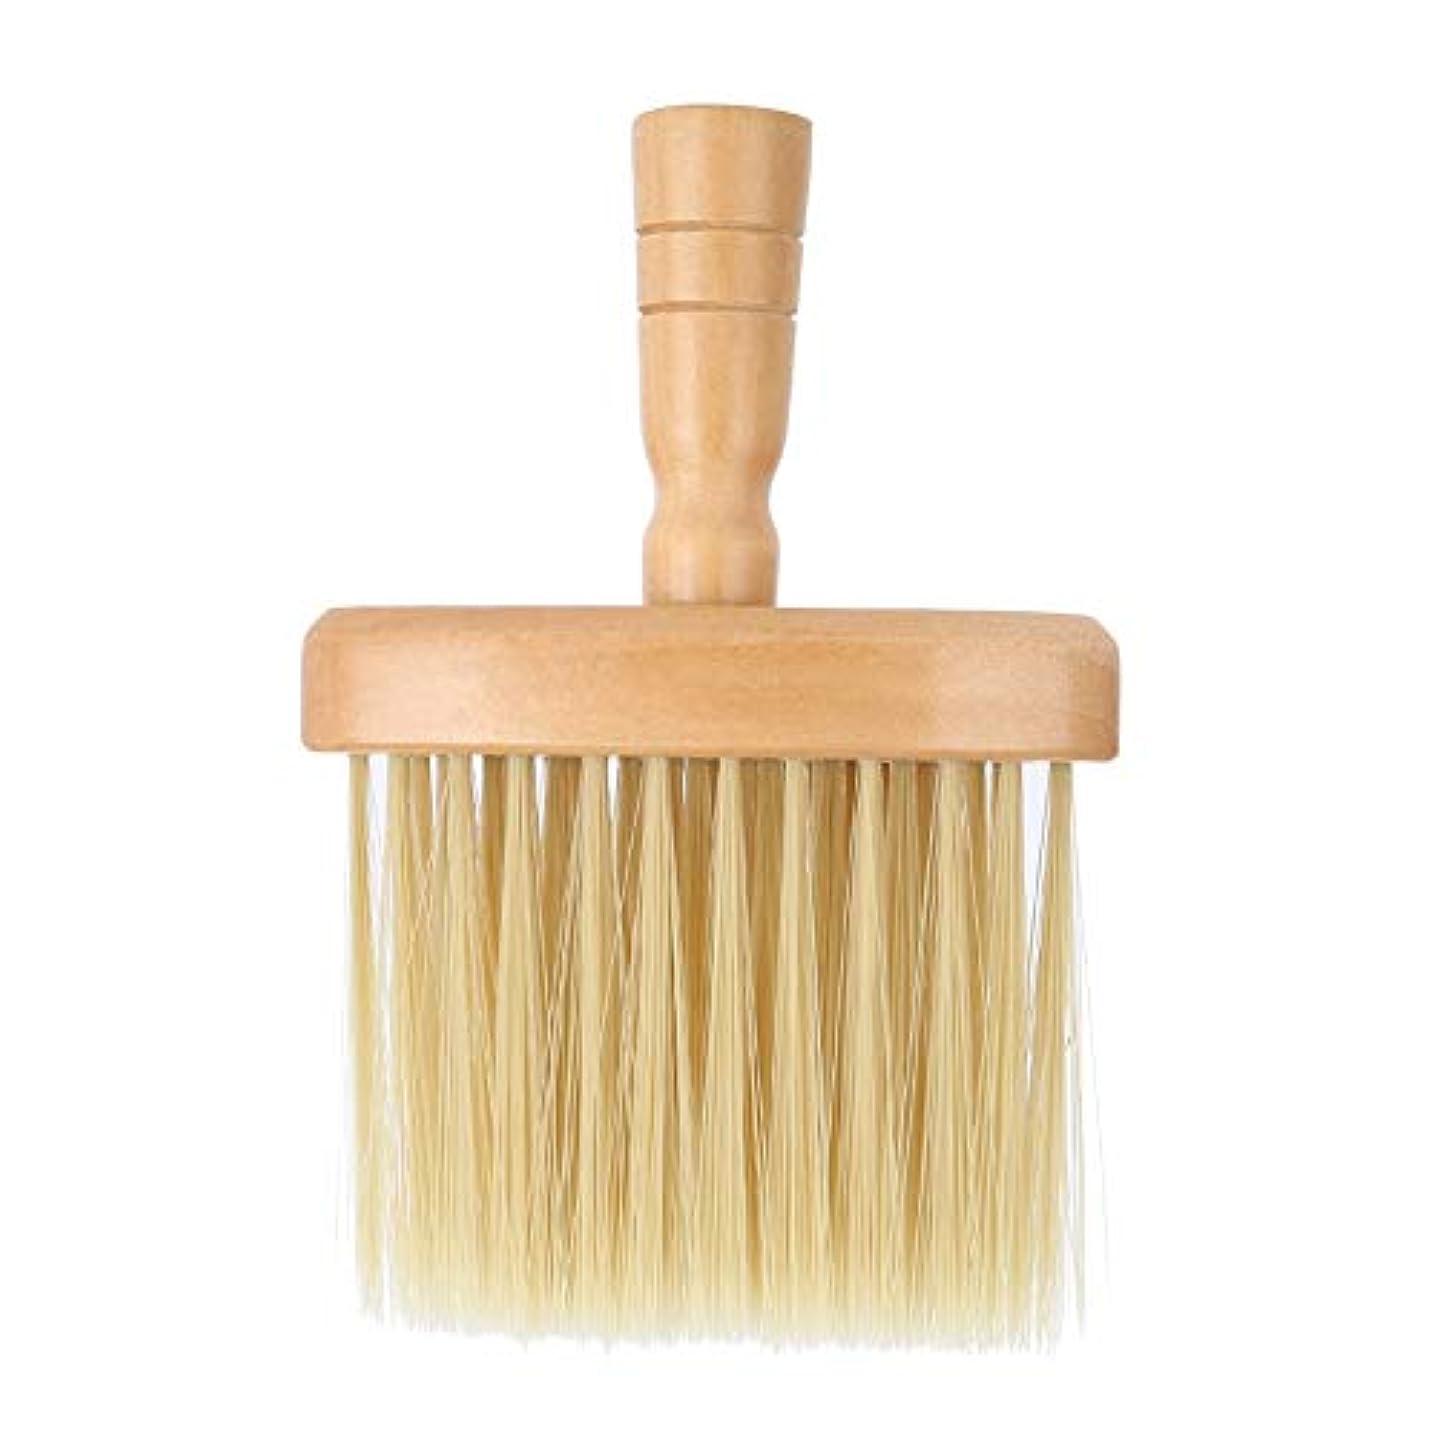 メディア実行可能世代ヘアカットブラシネックフェイスダスターブラシサロンヘアクリーニング木製掃除ブラシヘアカット理髪ツール